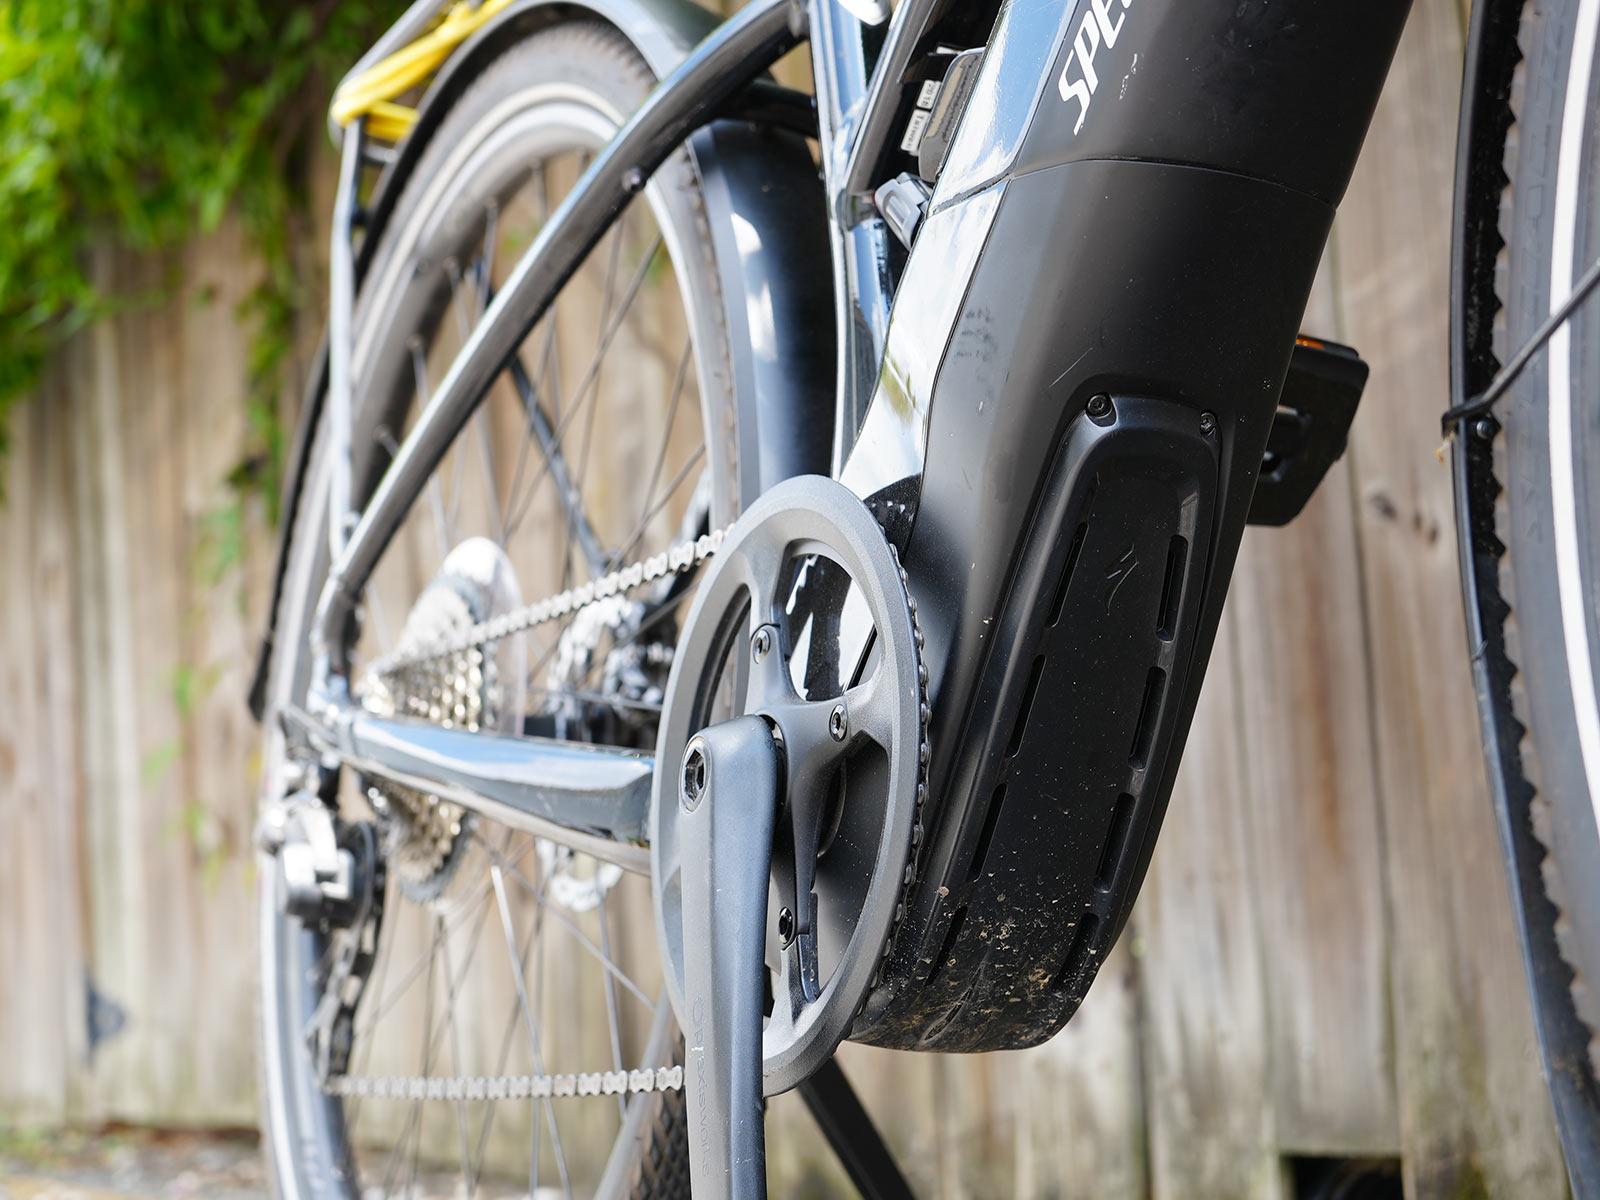 specialized e-bike motor closeup